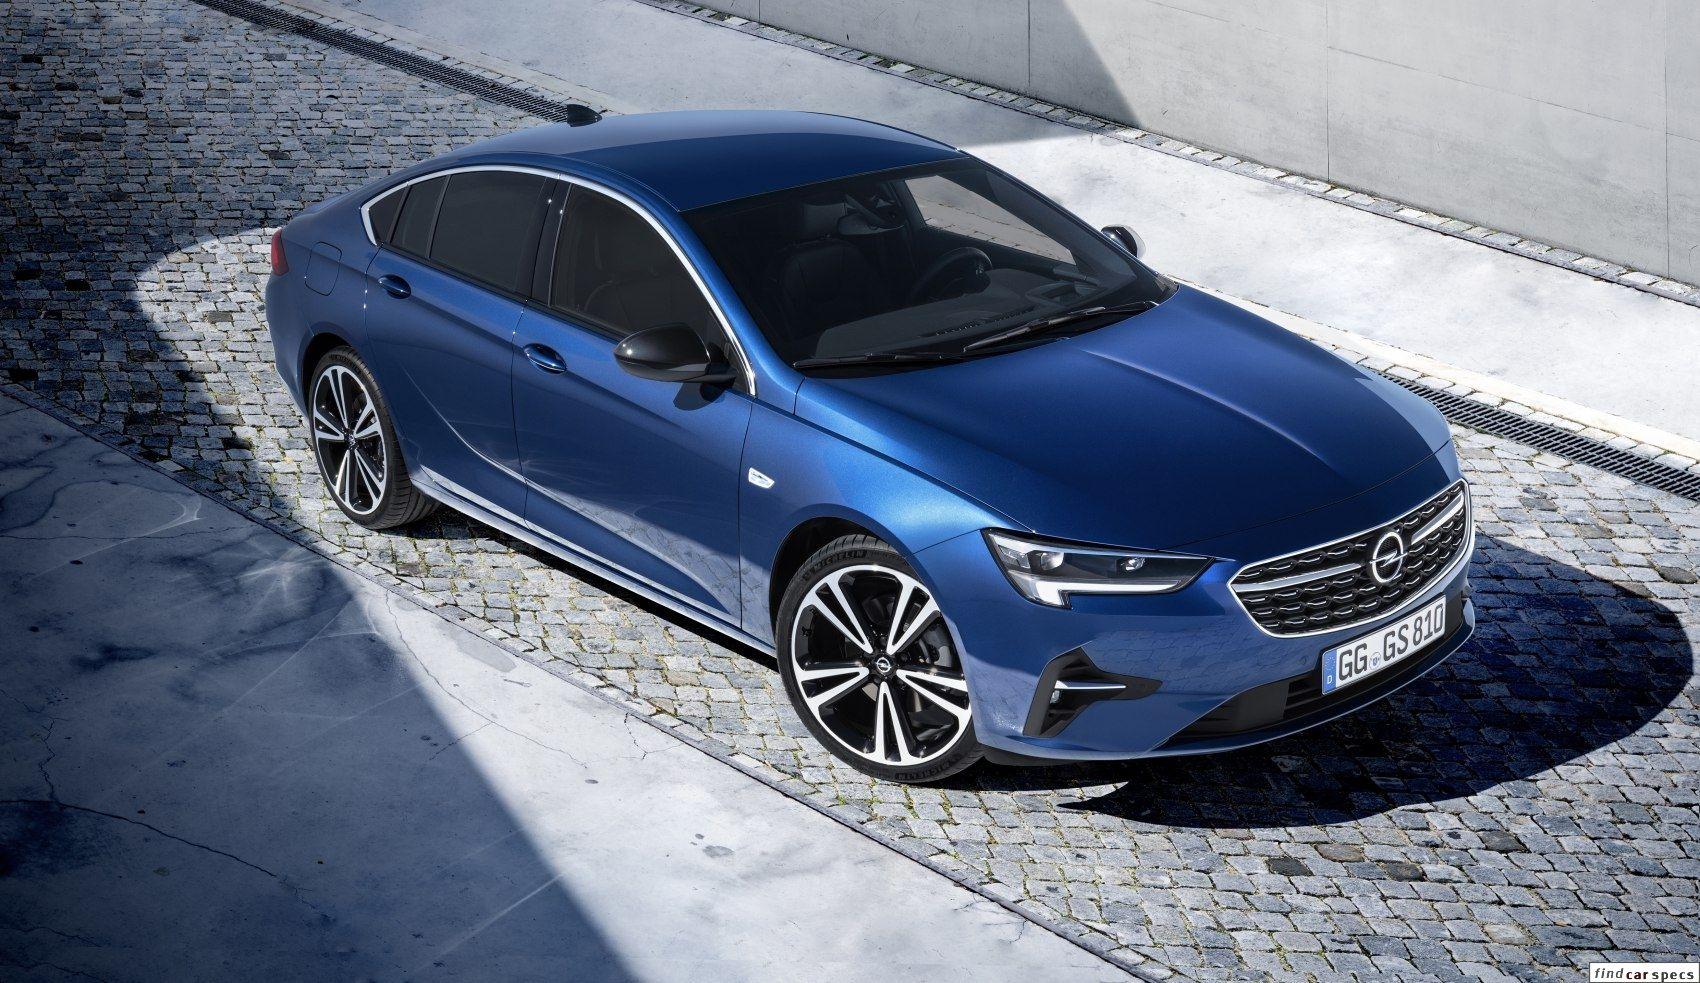 Opel Insignia Insignia Grand Sport B Facelift 2020 2 0d 174 Hp Automatic Diesel 2020 Insignia Grand Sport B Faceli In 2020 Opel Insignia Facelift